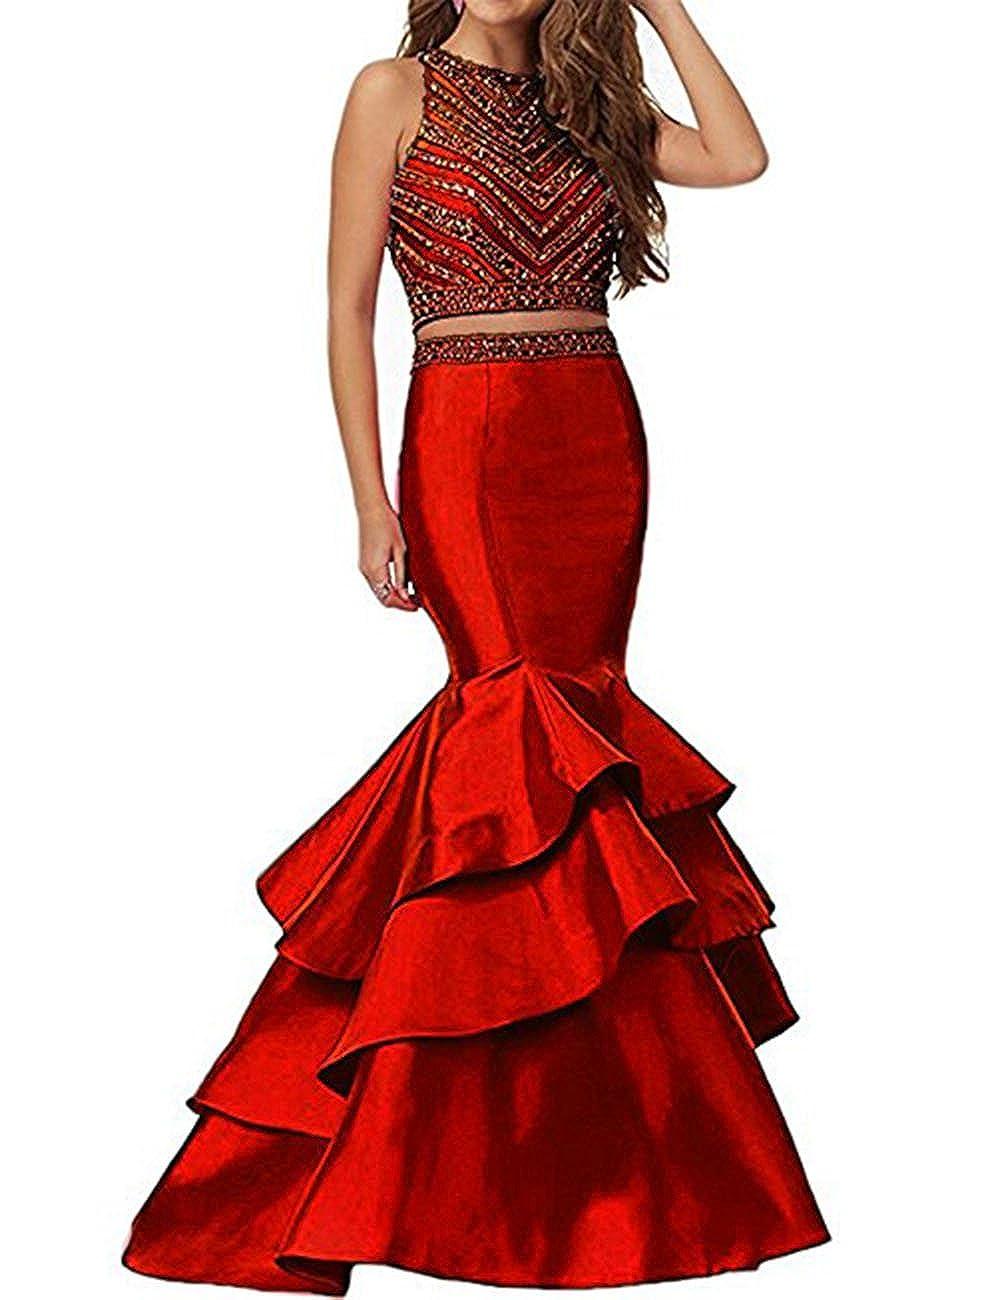 Burgundy Beautydress Women's Two Piece Mermaid Beaded Prom Party Dresses Formal Wear